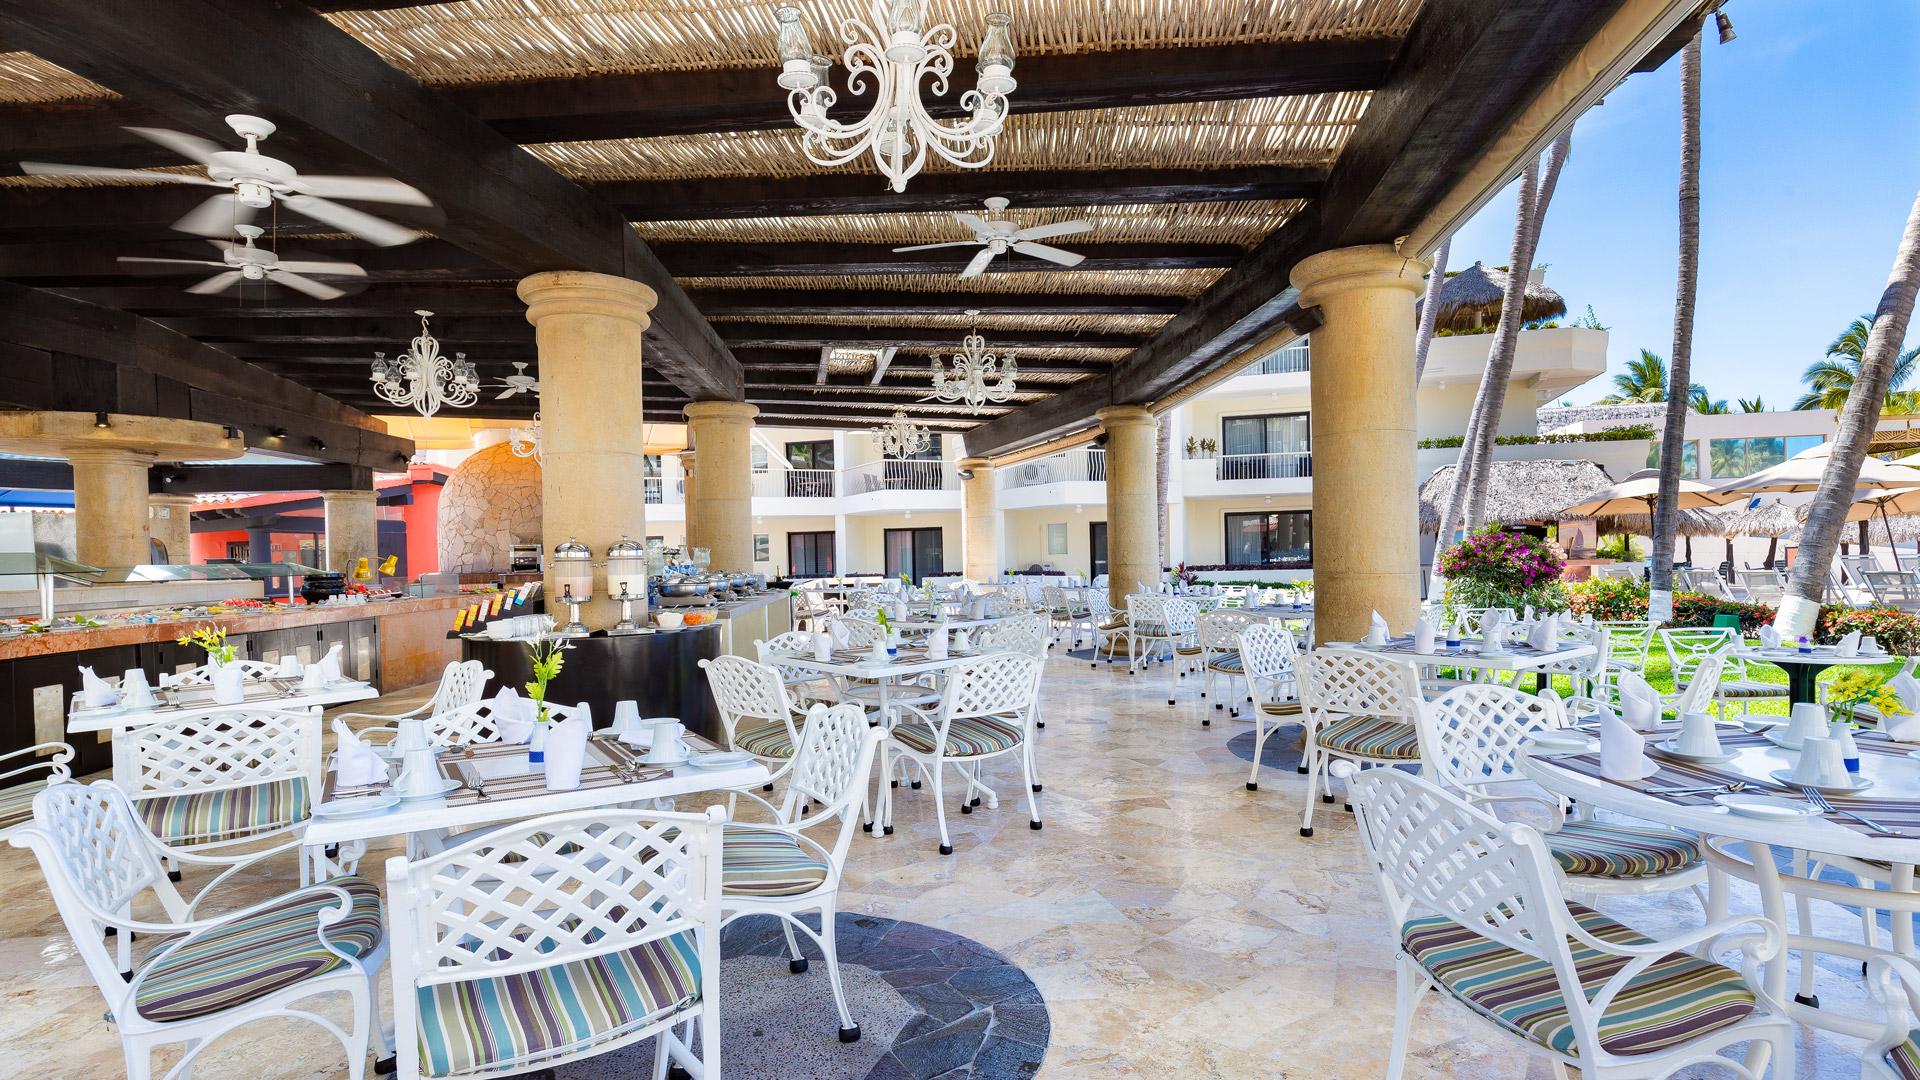 Villa del palmar puerto vallarta the market